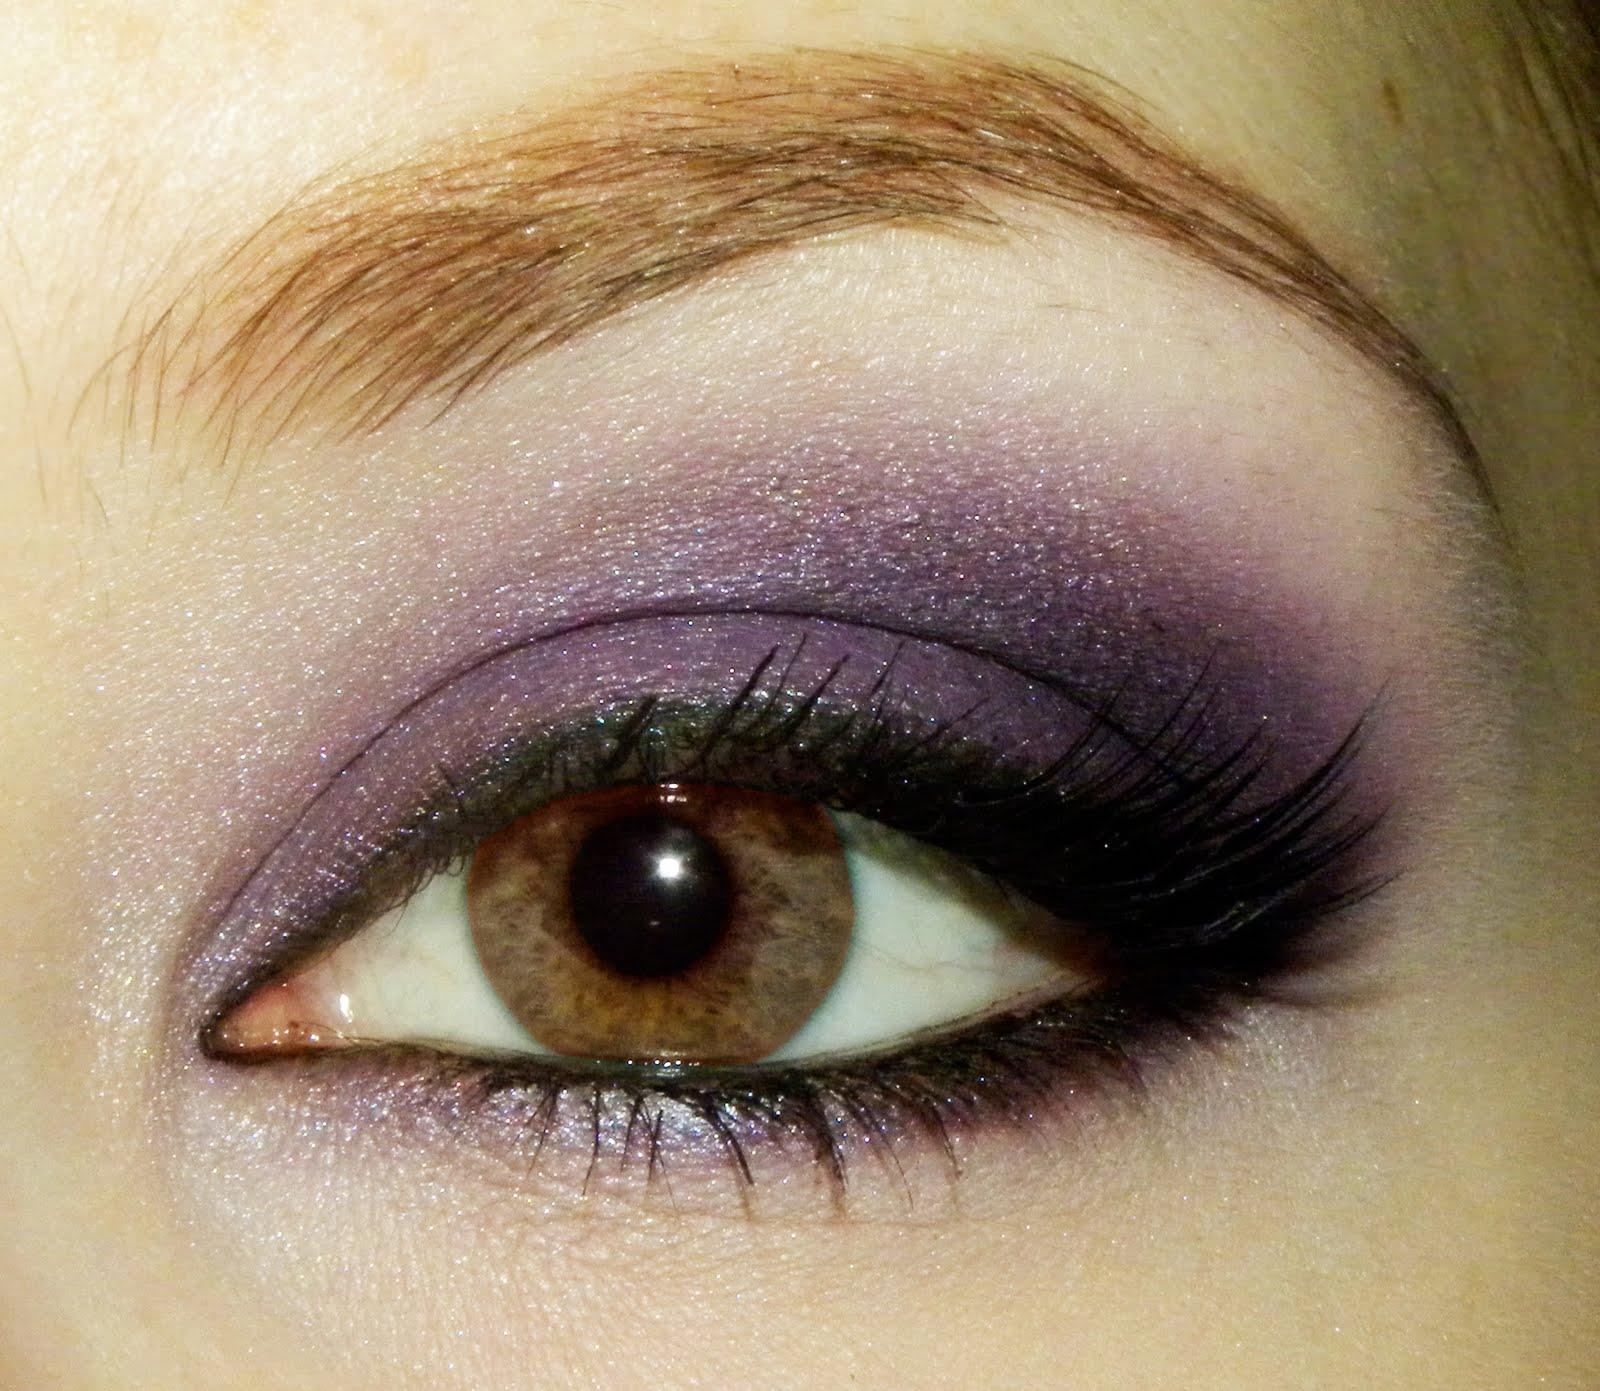 Ce Culoare A Umbrei Ochilor Este Potrivită Pentru Ochi Ce Nuanțe De